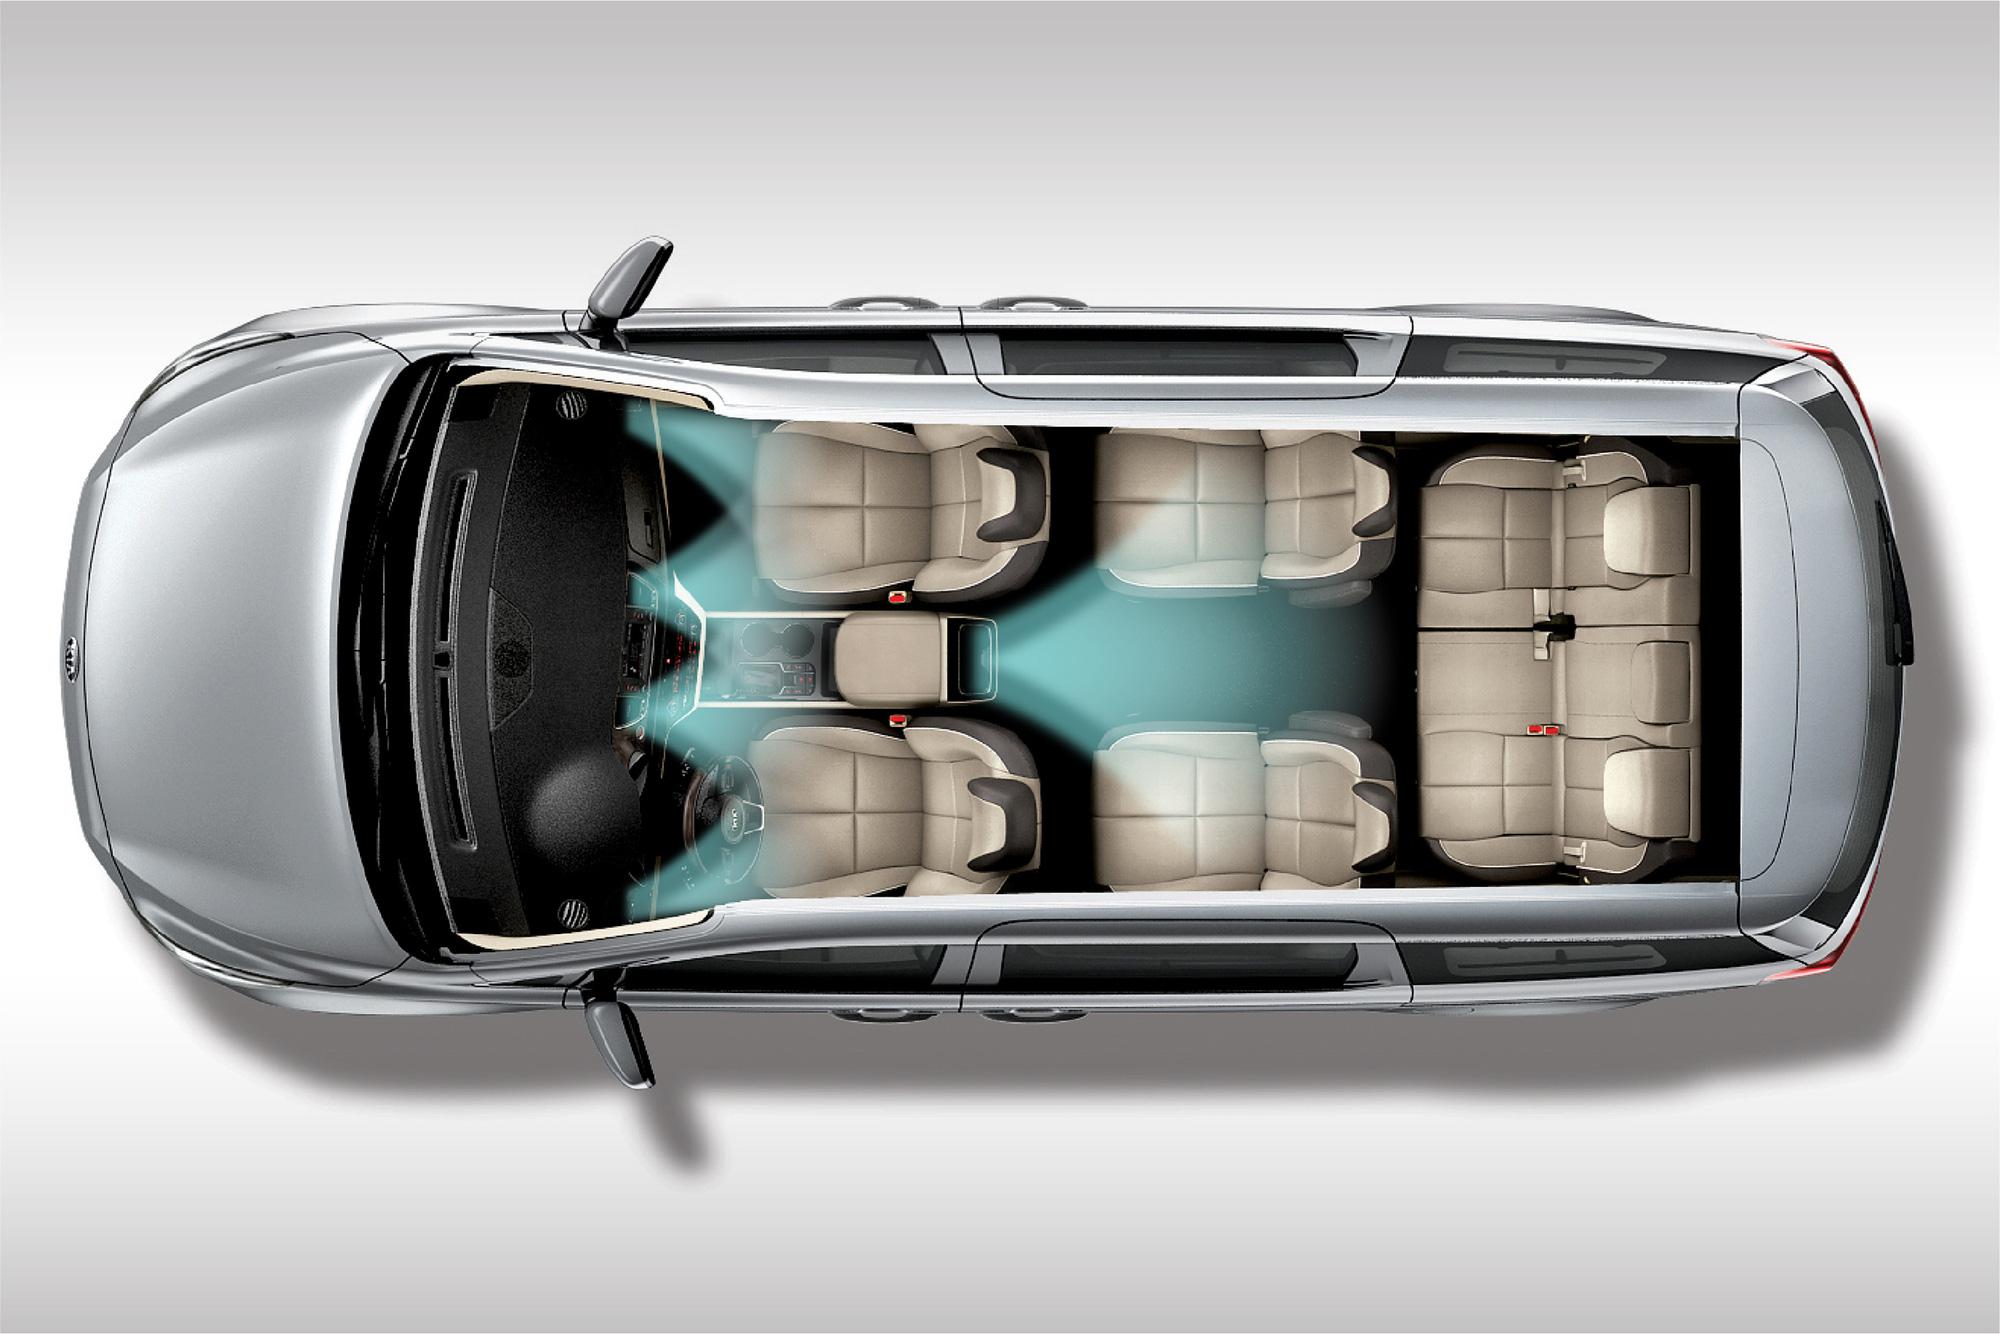 Kia Sedona: Xe gia đình 7 chỗ cao cấp với những giá trị vượt mong đợi   - Ảnh 4.